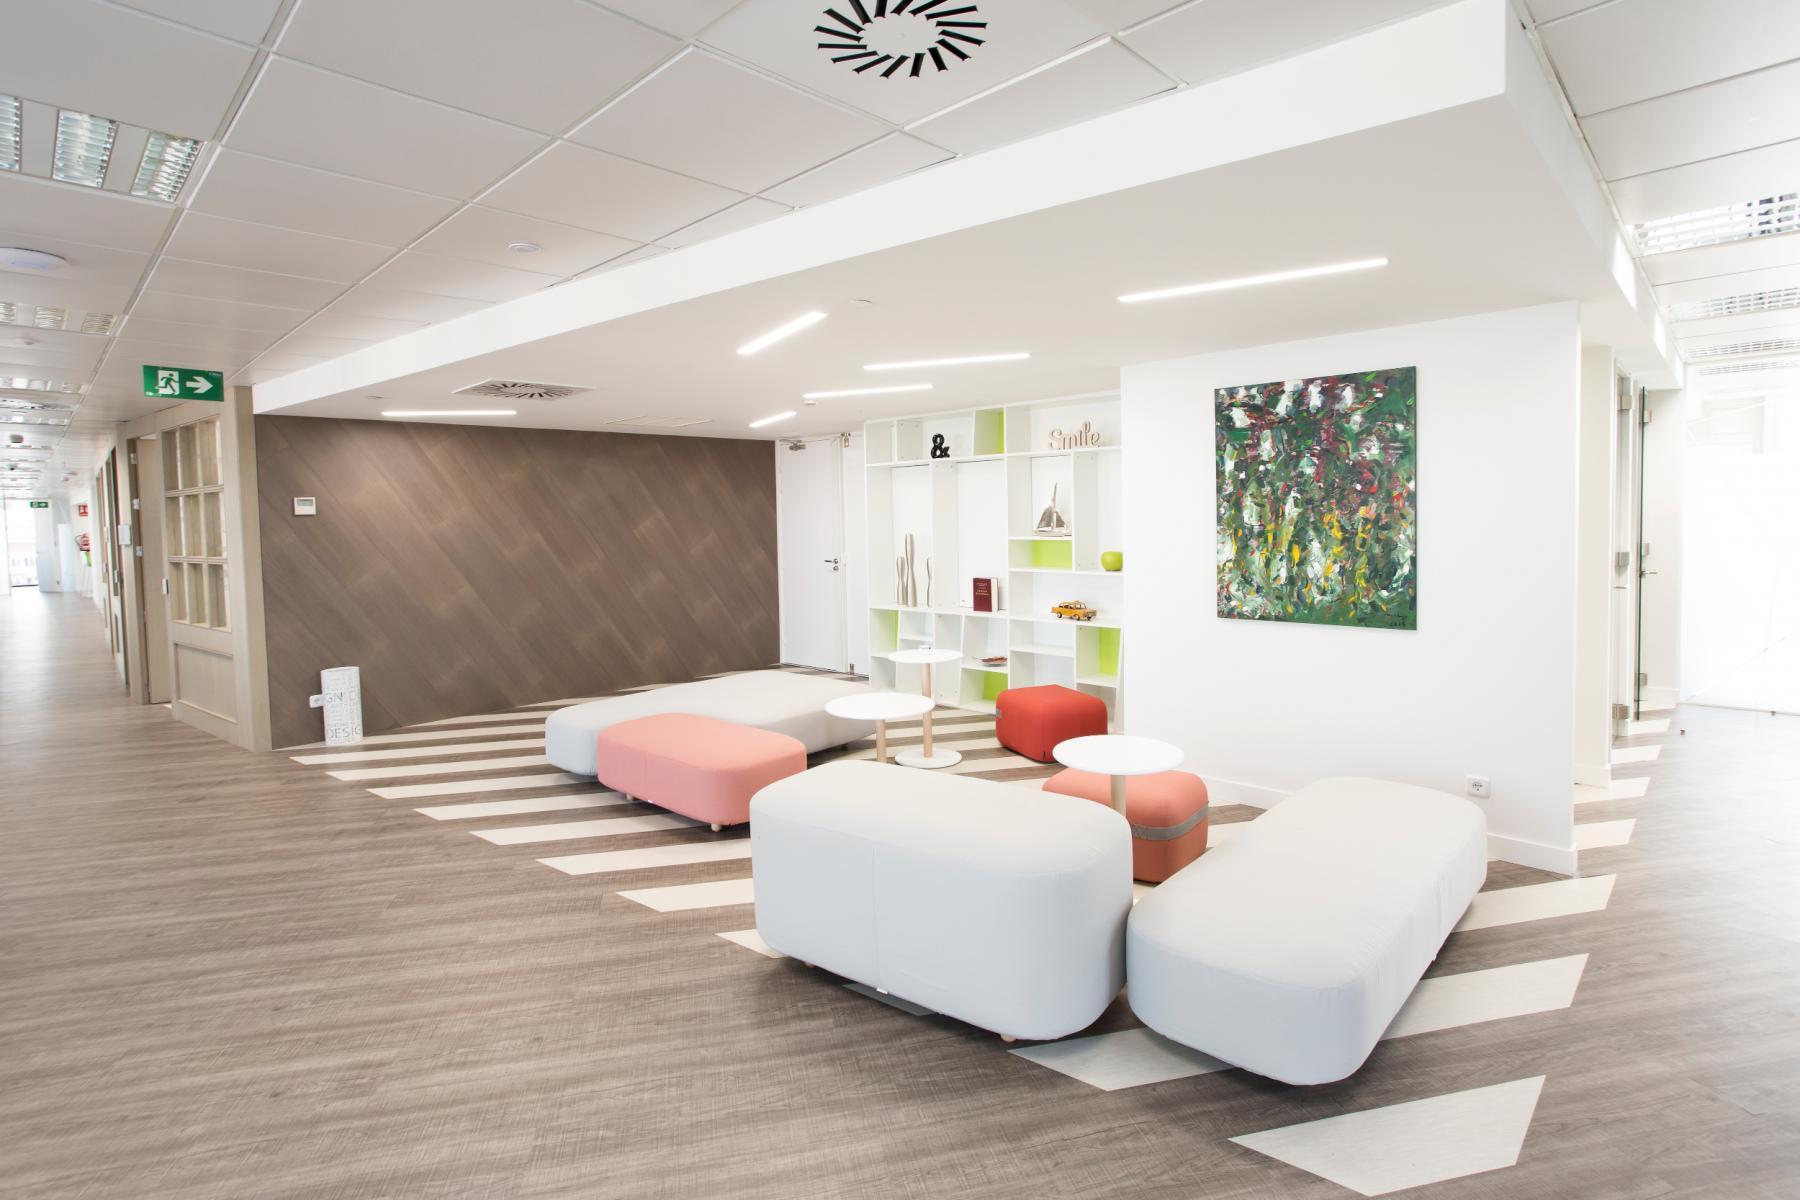 Alquilar oficinas Paseo de la Castellana 141, Madrid (2)